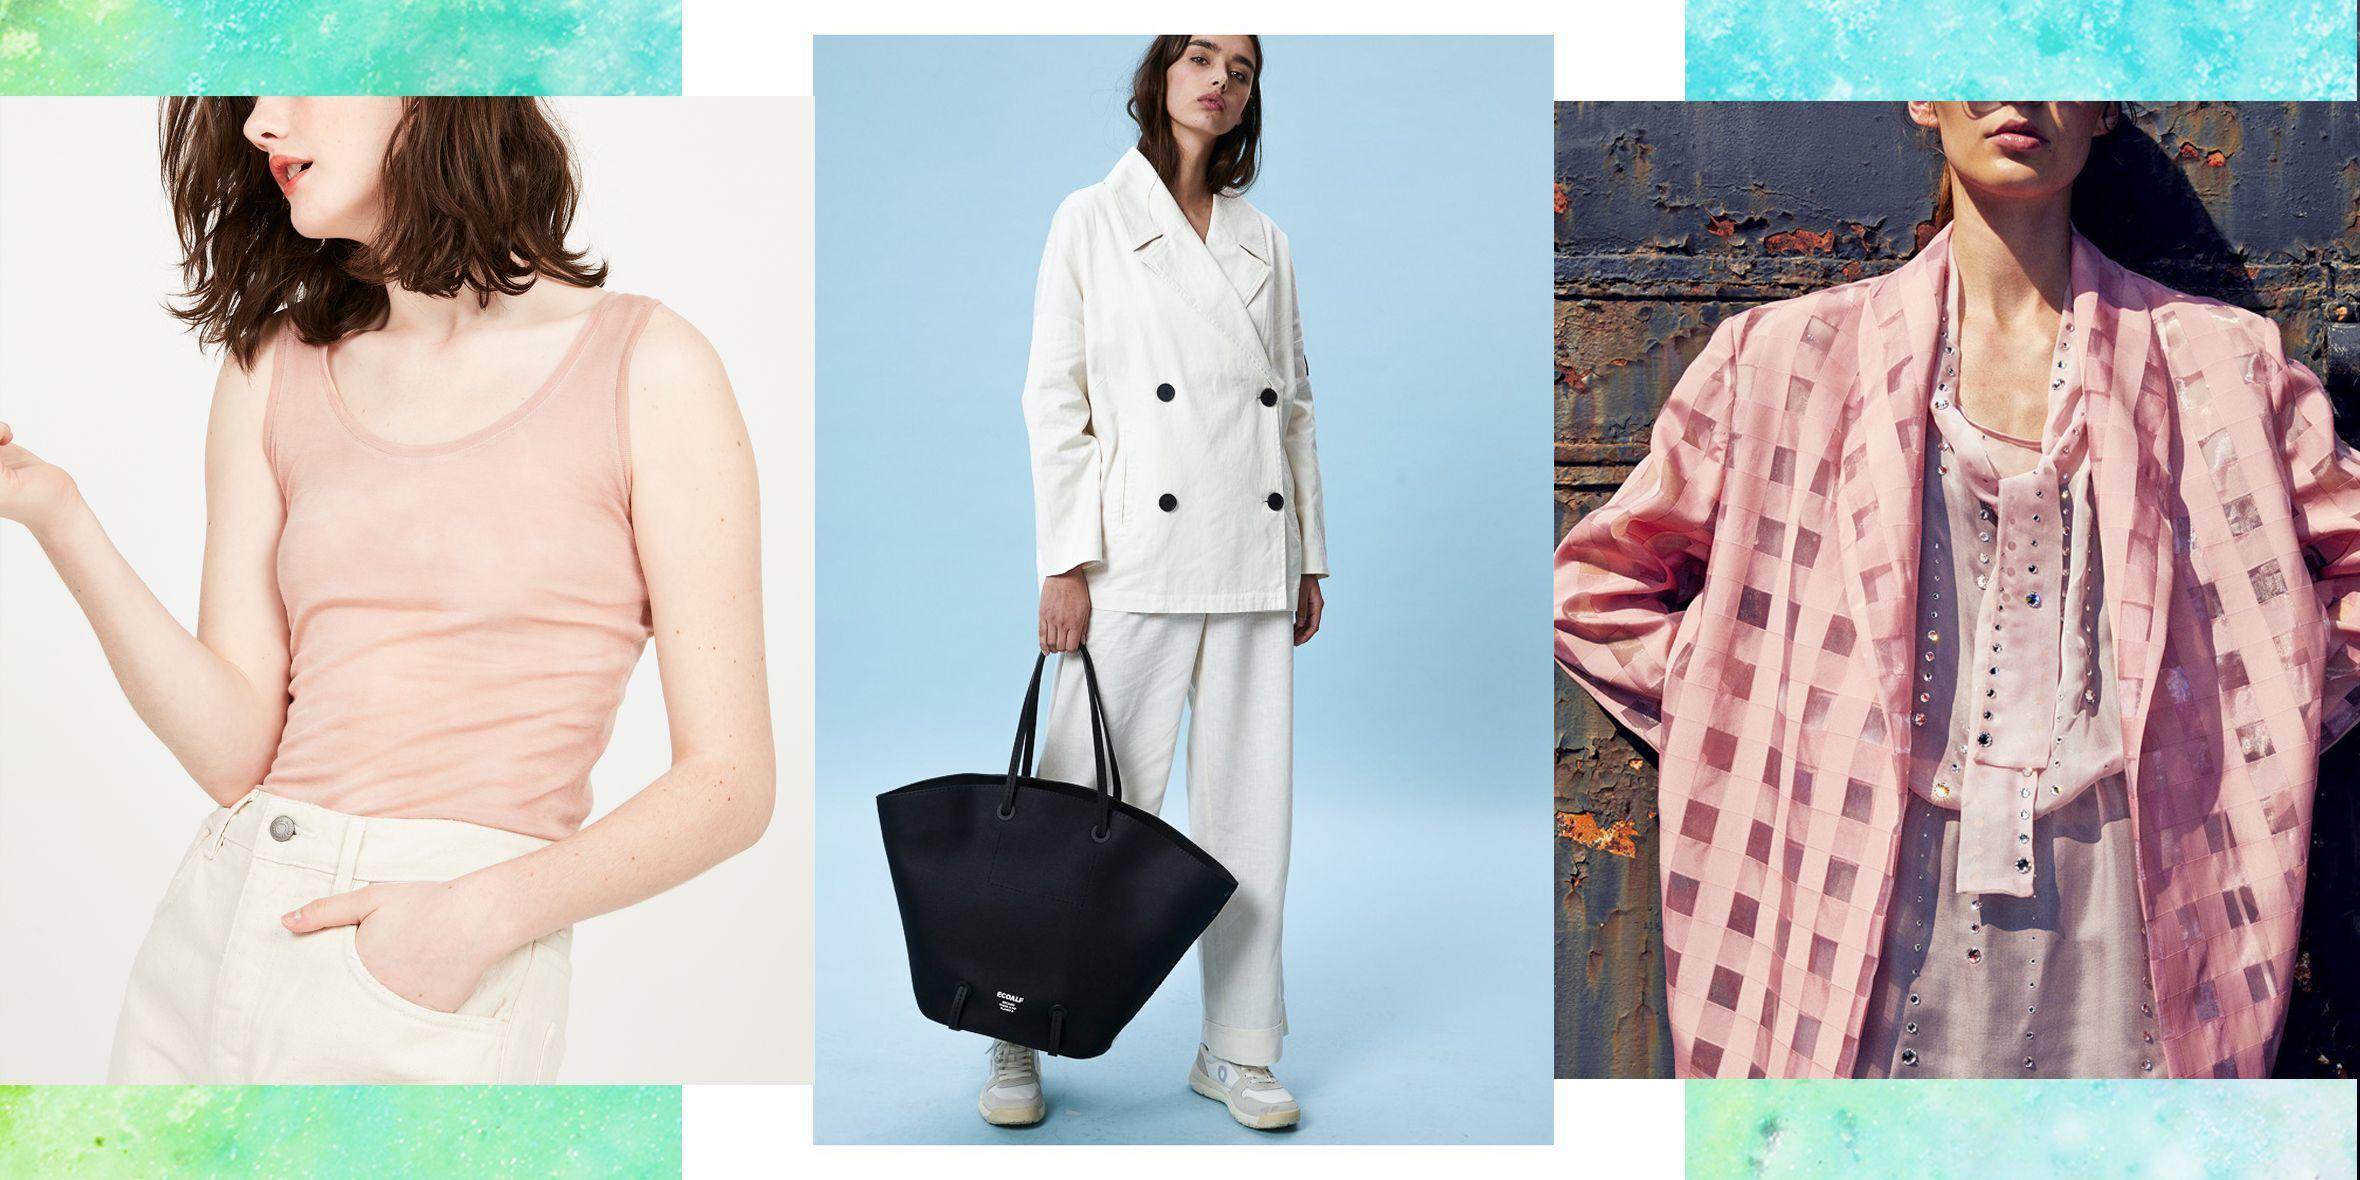 Scegli di indossare moda sostenibile, è il trend (consapevole) per celebrare l'Earth Day 2019